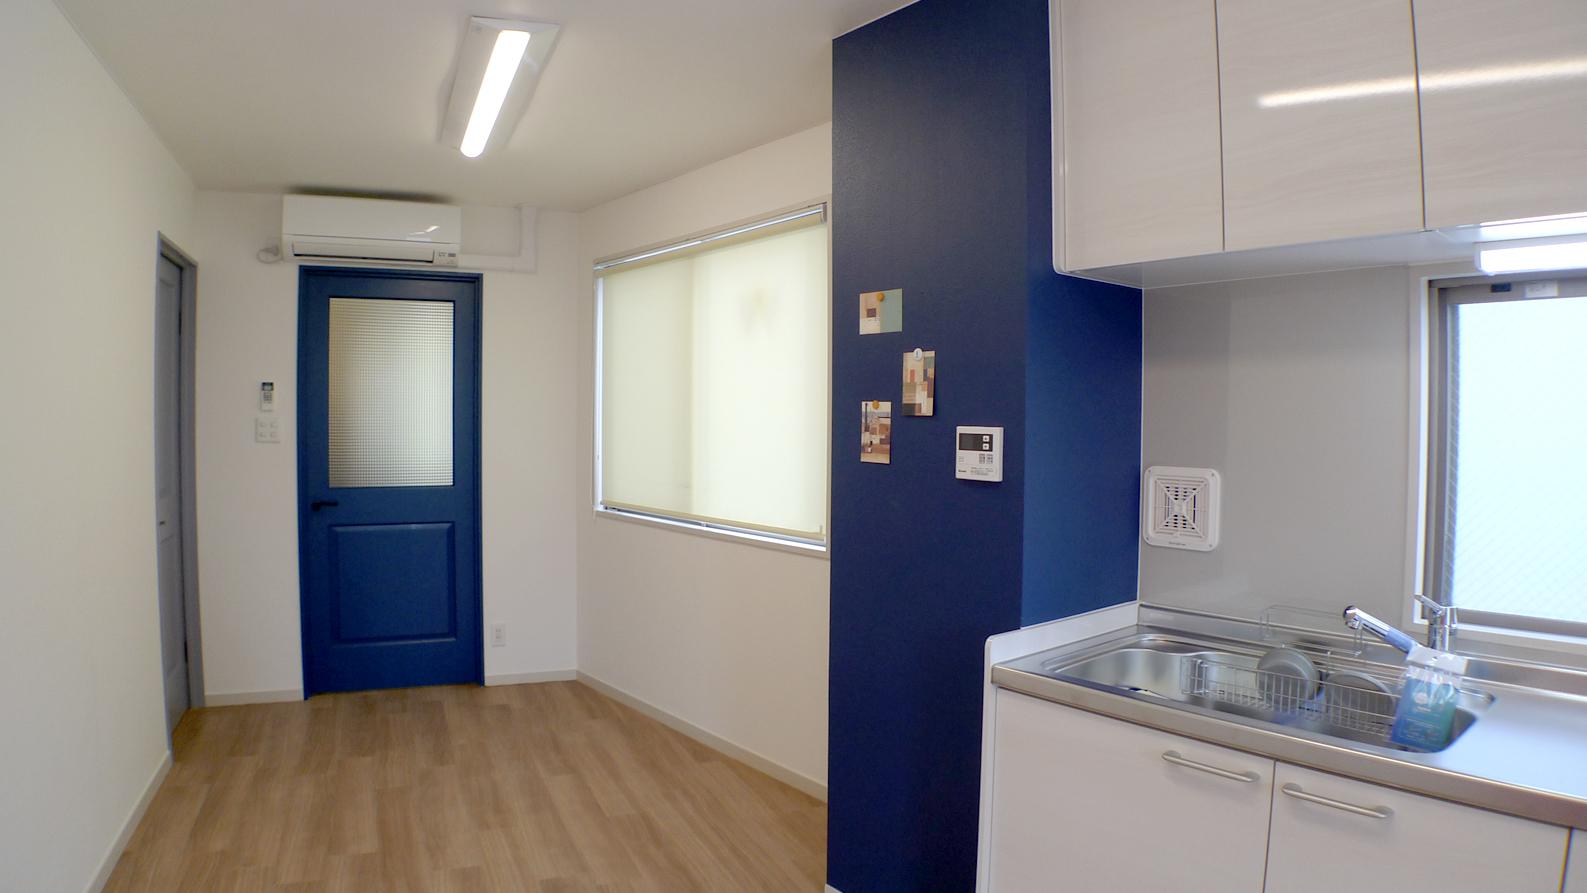 マグネットでメモやポストカードが張れる壁のあるキッチン